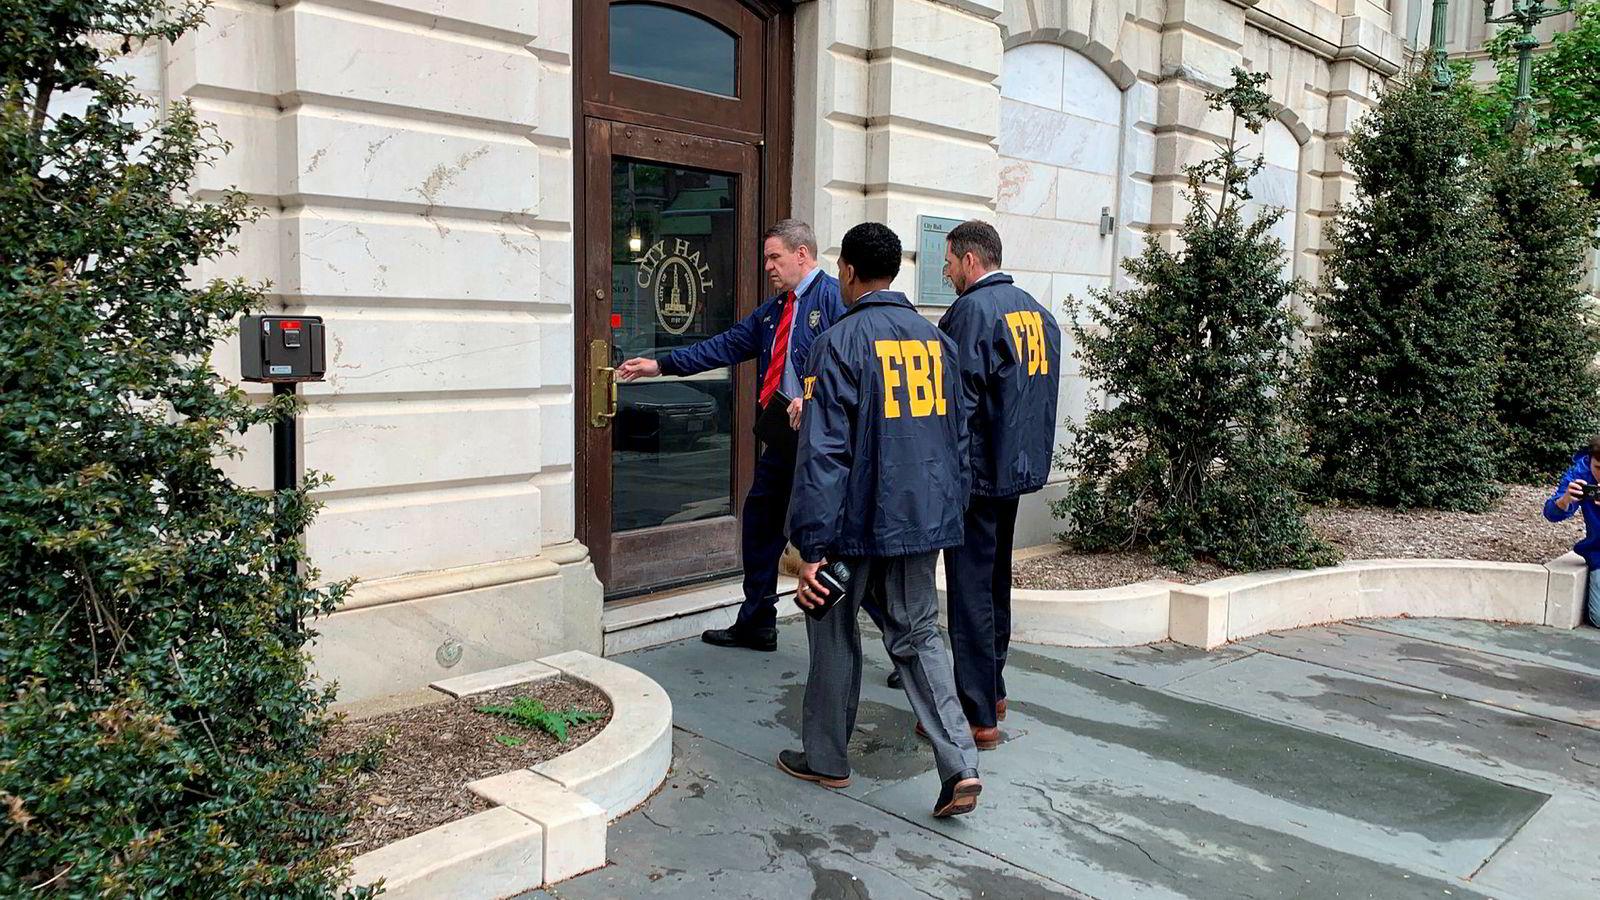 FBI tar seg inn og gjennomfører razzia i rådhuset u Baltimore.